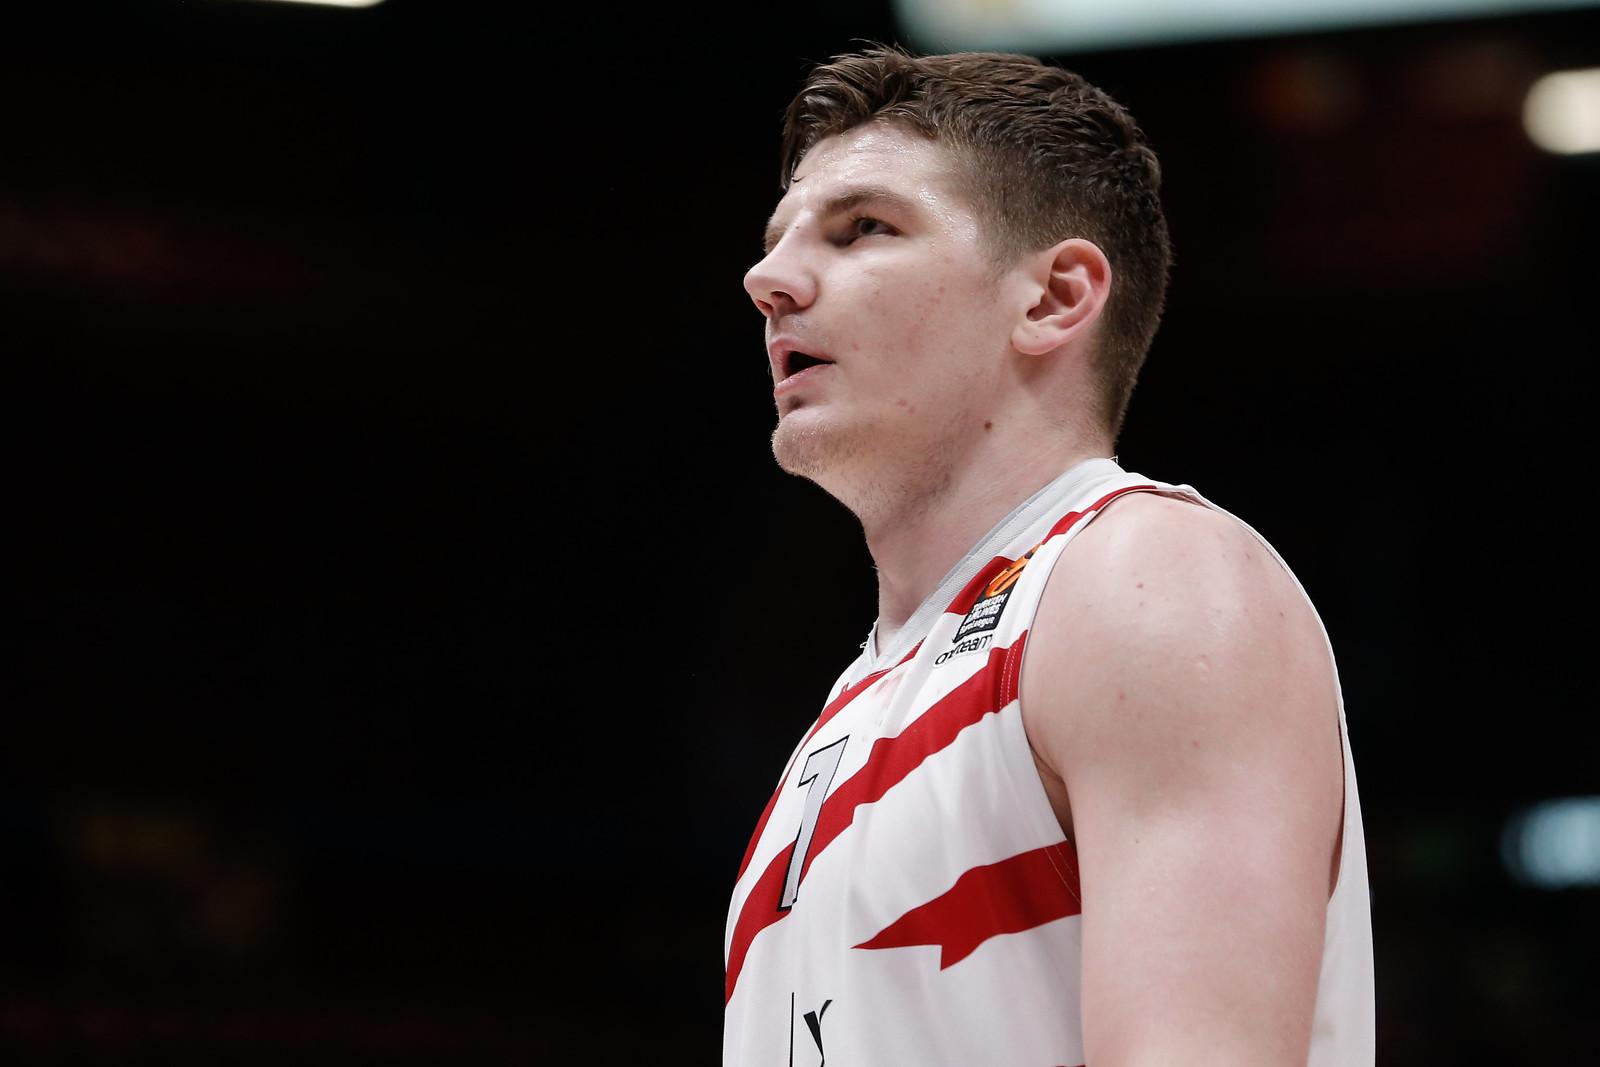 Olimpia's release regarding Arturas Gudaitis injury | Olimpia Milano